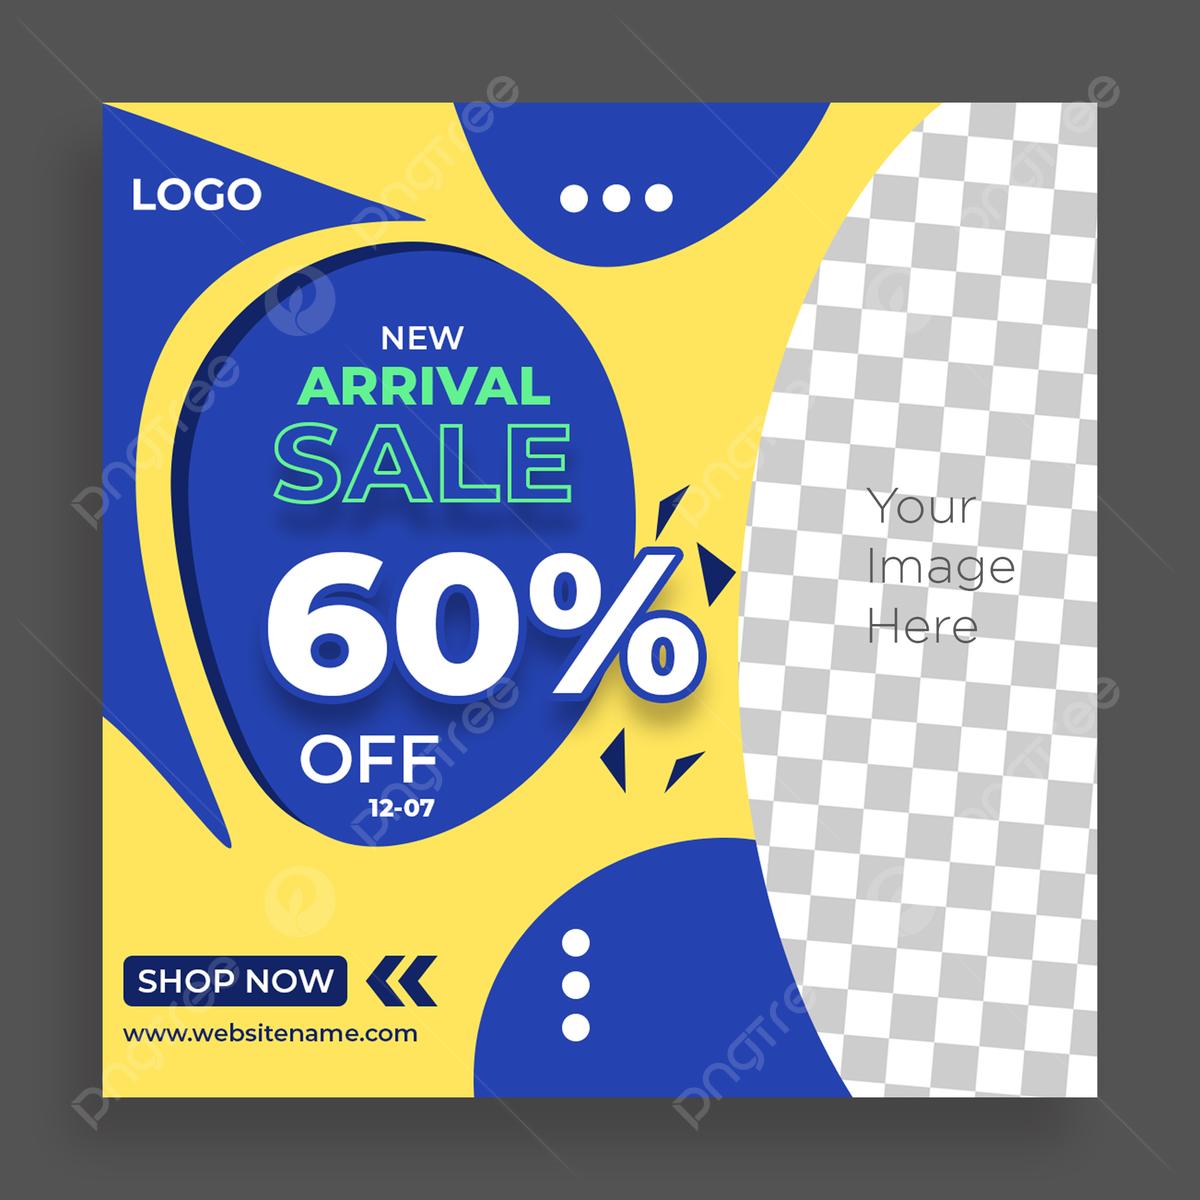 Social Media Post Sale Banner Biru Kuning Template Warna Social Media Instagram Postingan Untuk Promosi Penjualan Templat Untuk Unduh Gratis Di Pngtree